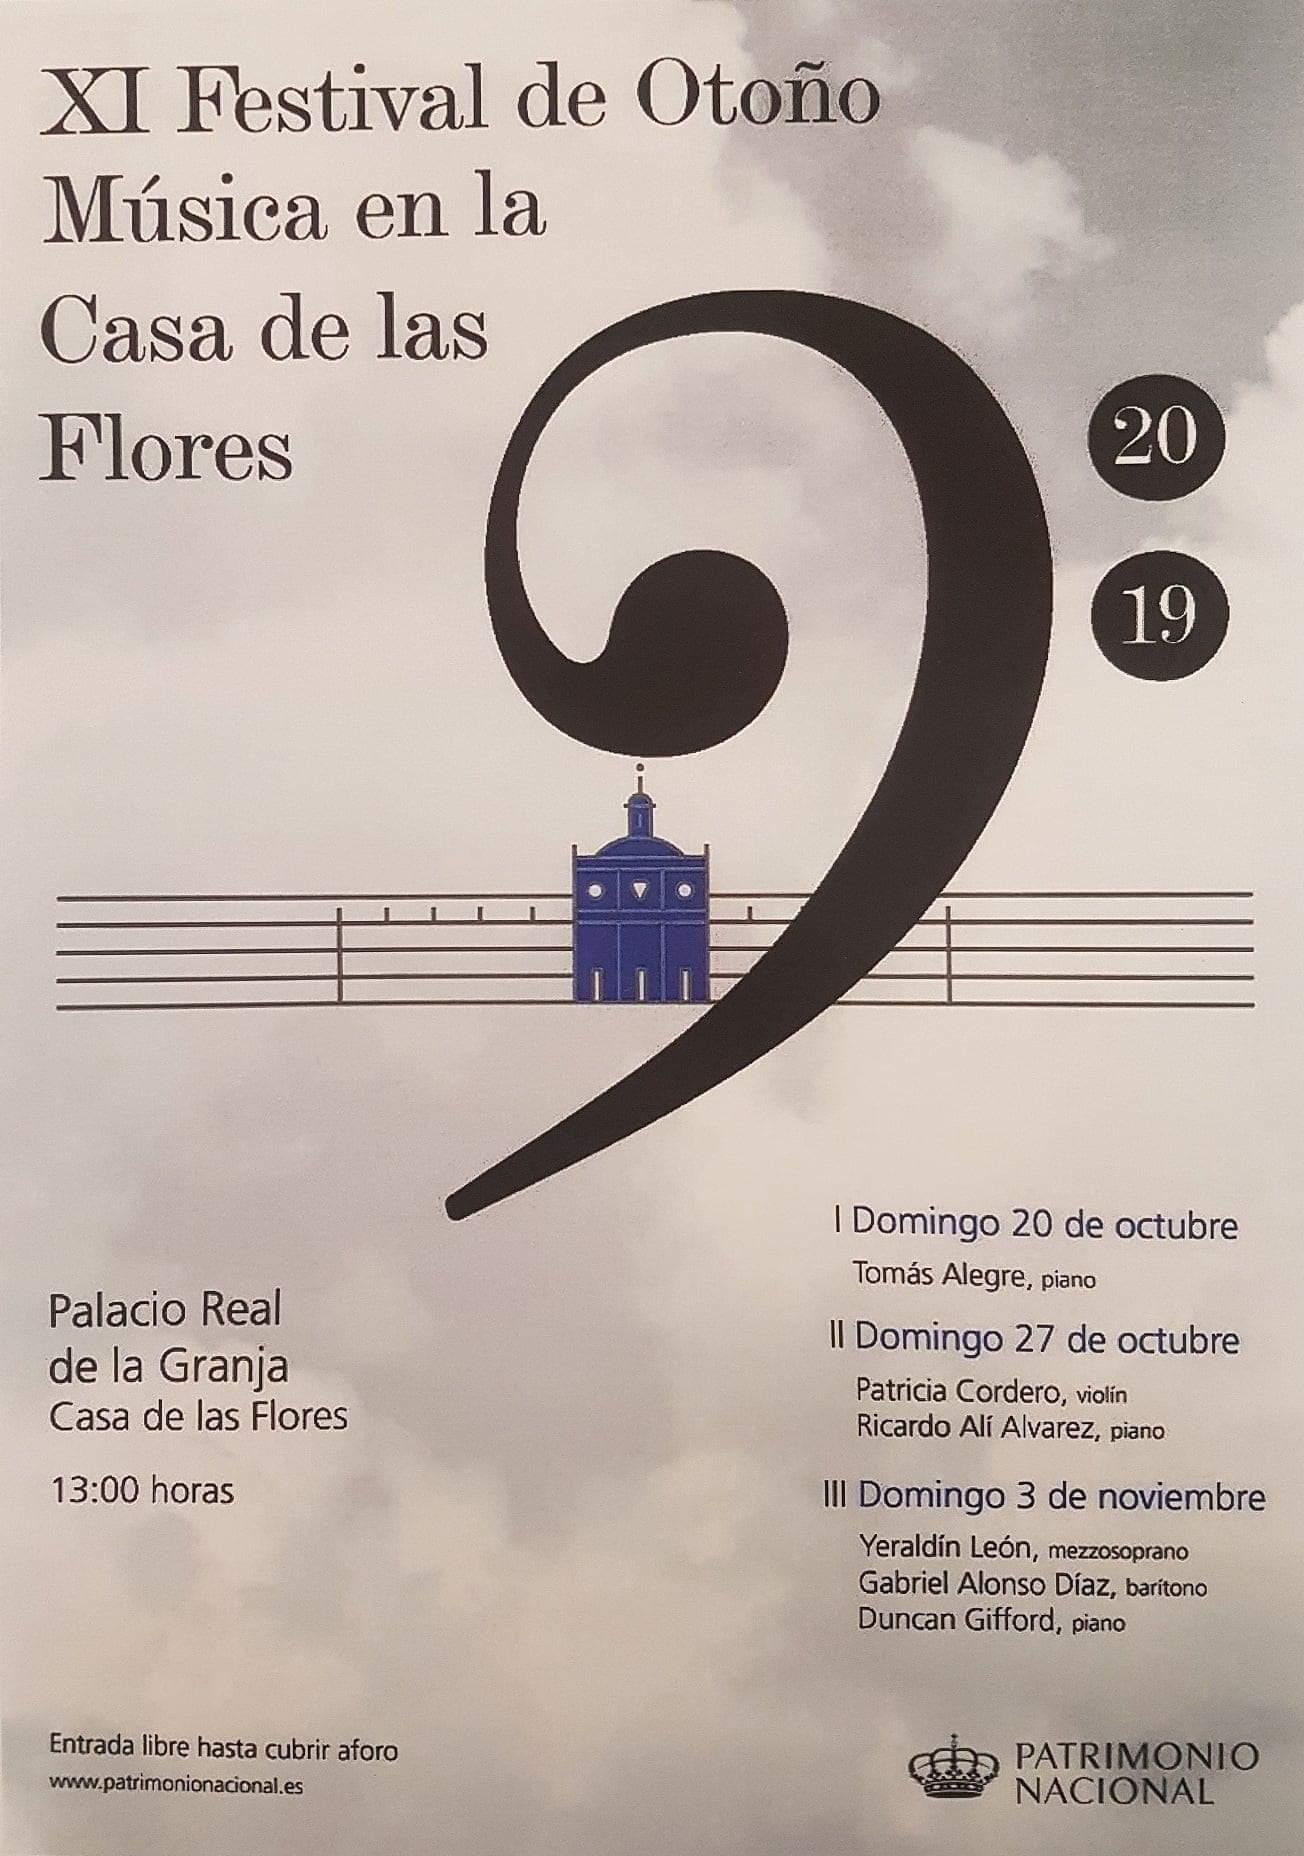 XI Festival de Otoño. Música en la casa de las Flores.